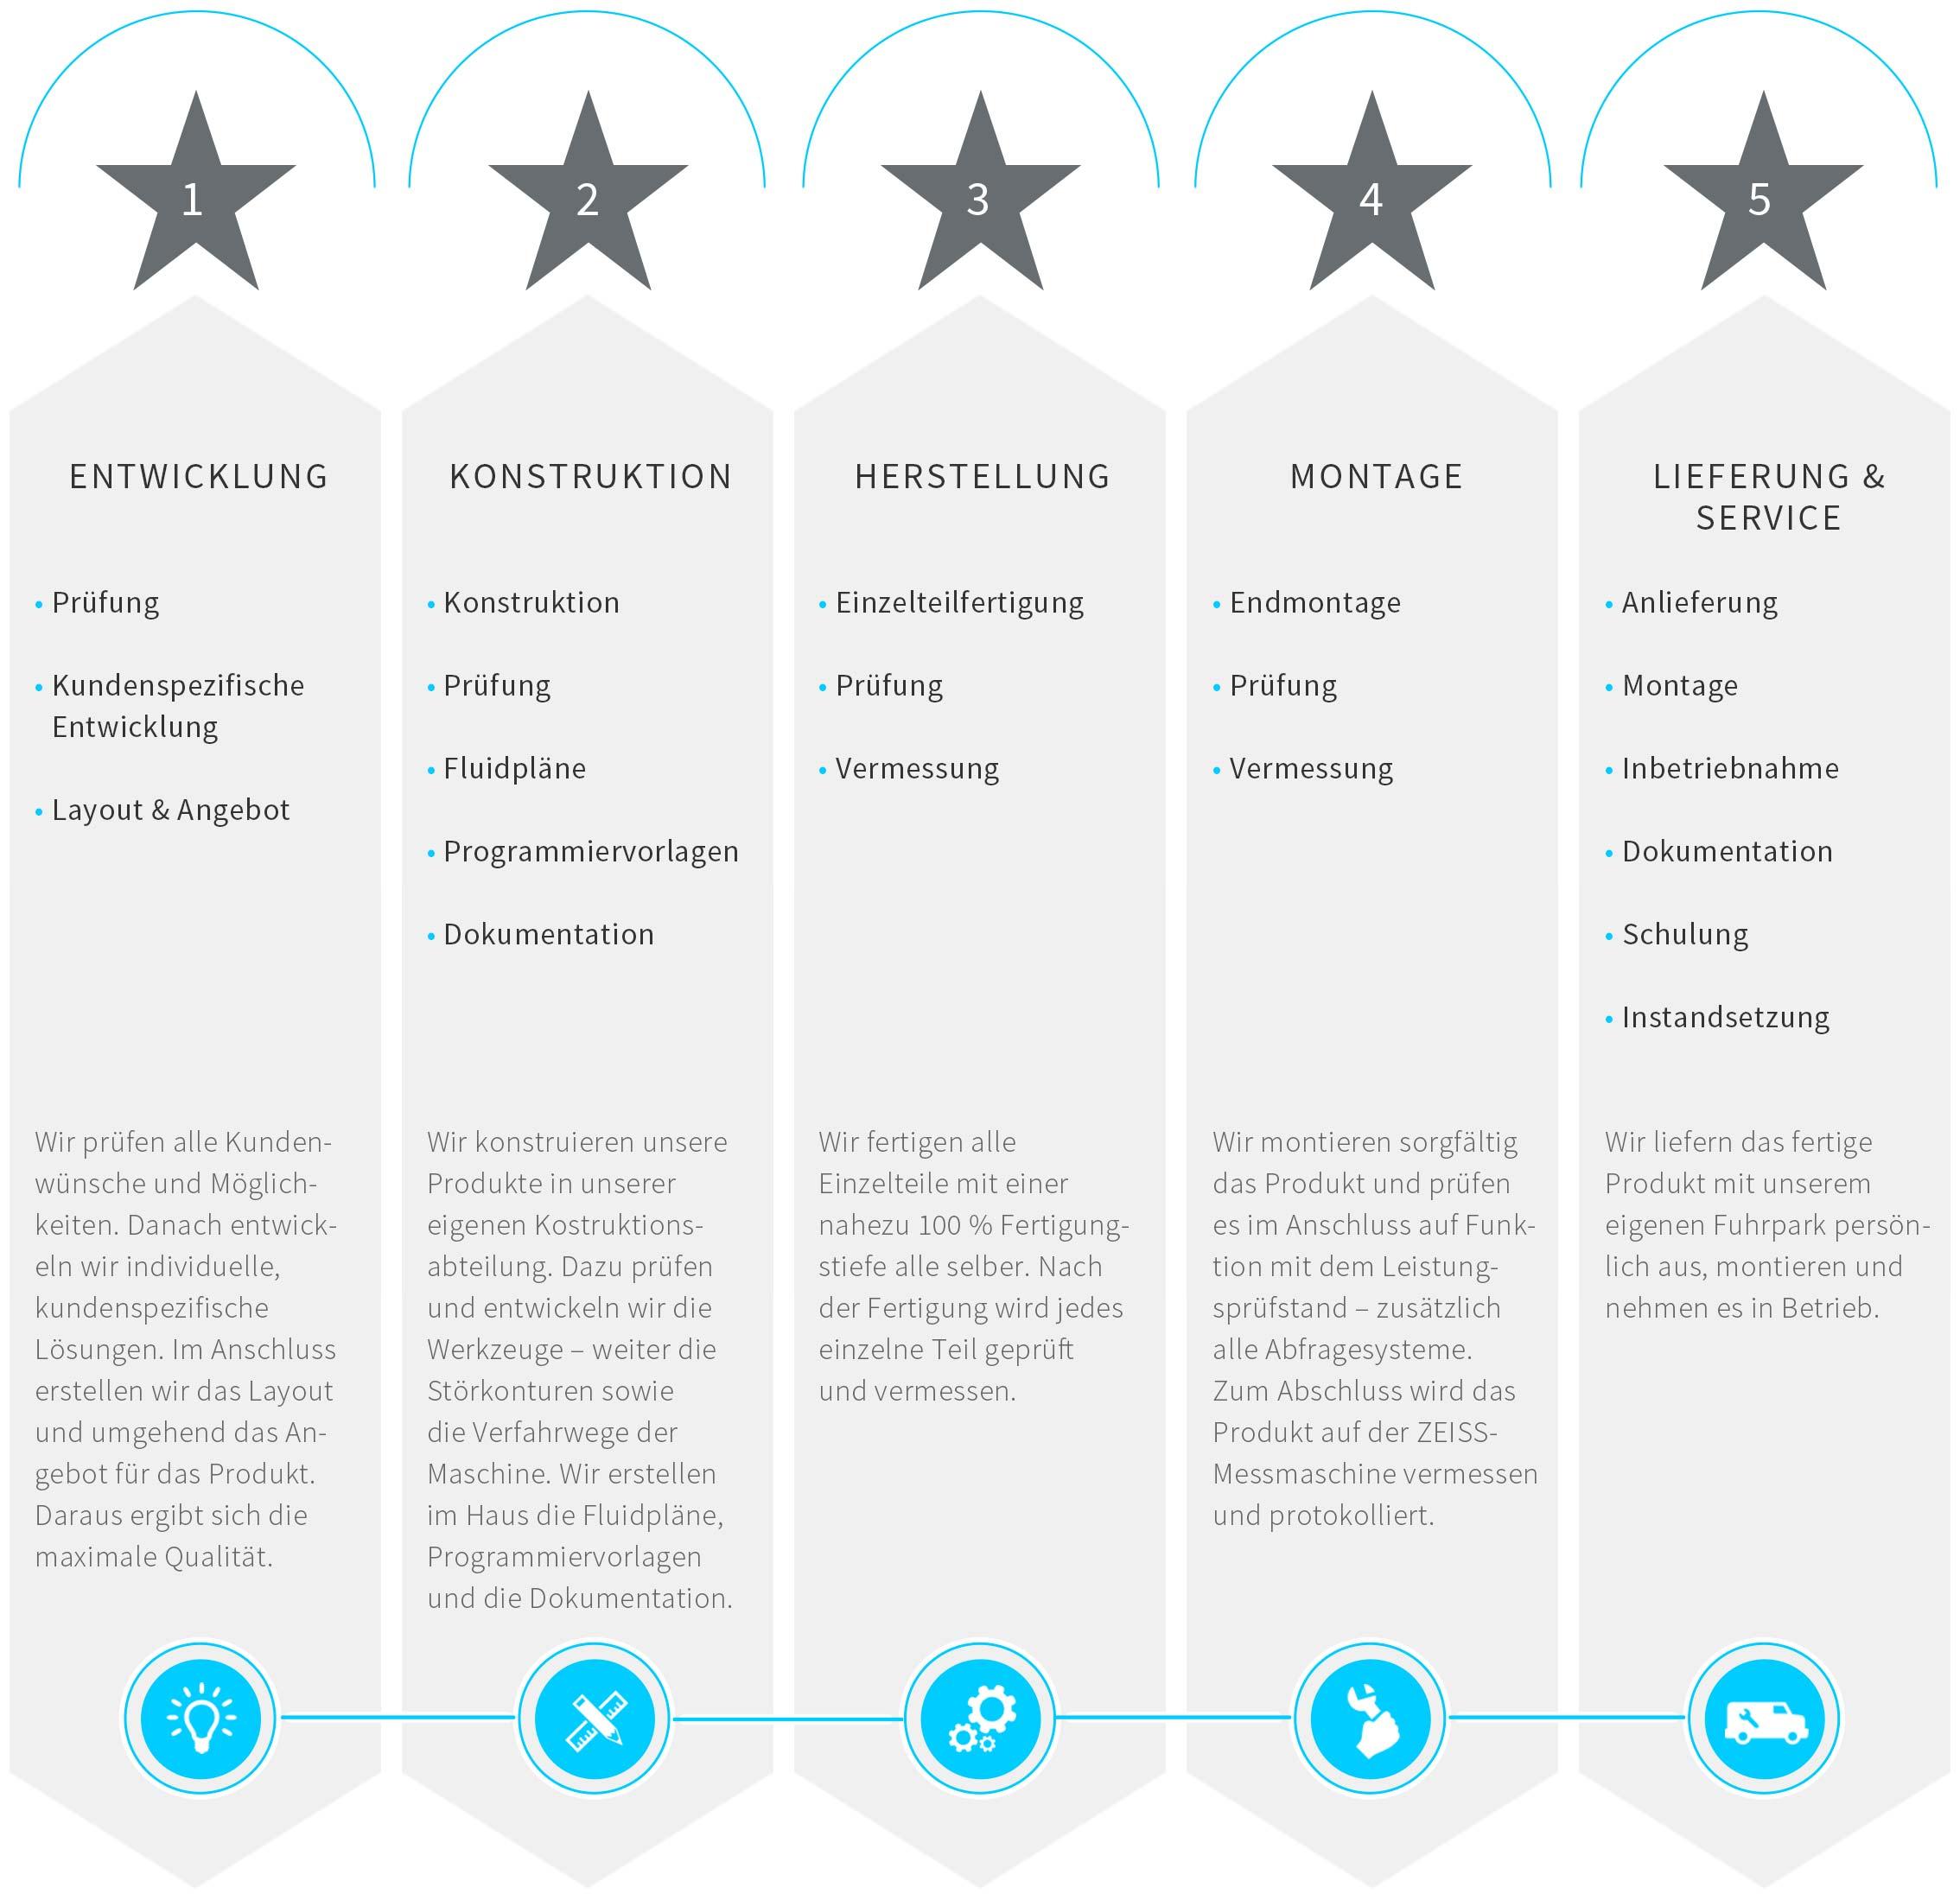 infografik_fertigungstiefe